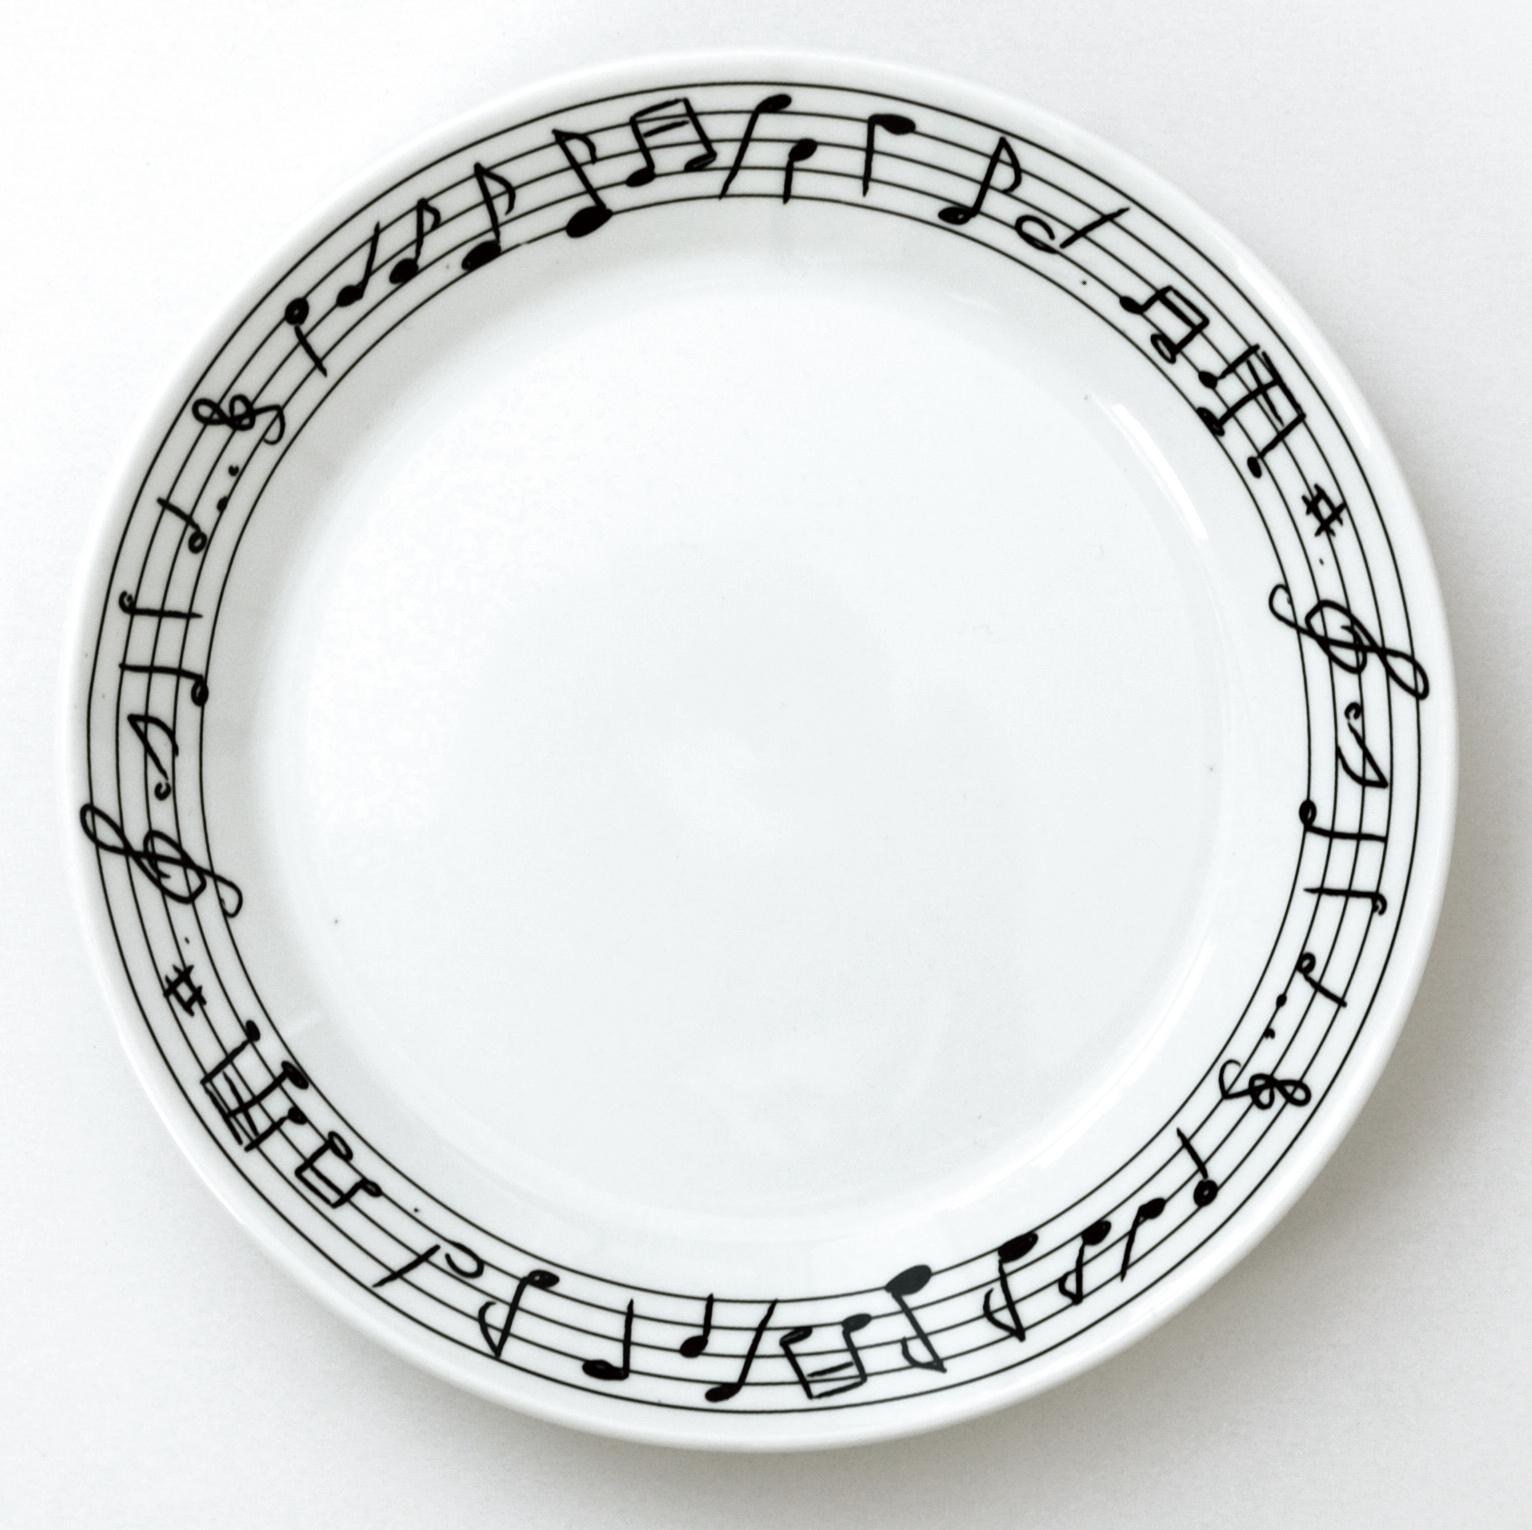 音符プレート ※お取り寄せ商品 引き出物 記念品 音楽雑貨 音符 ピアノモチーフ ト音記号 ピアノ雑貨